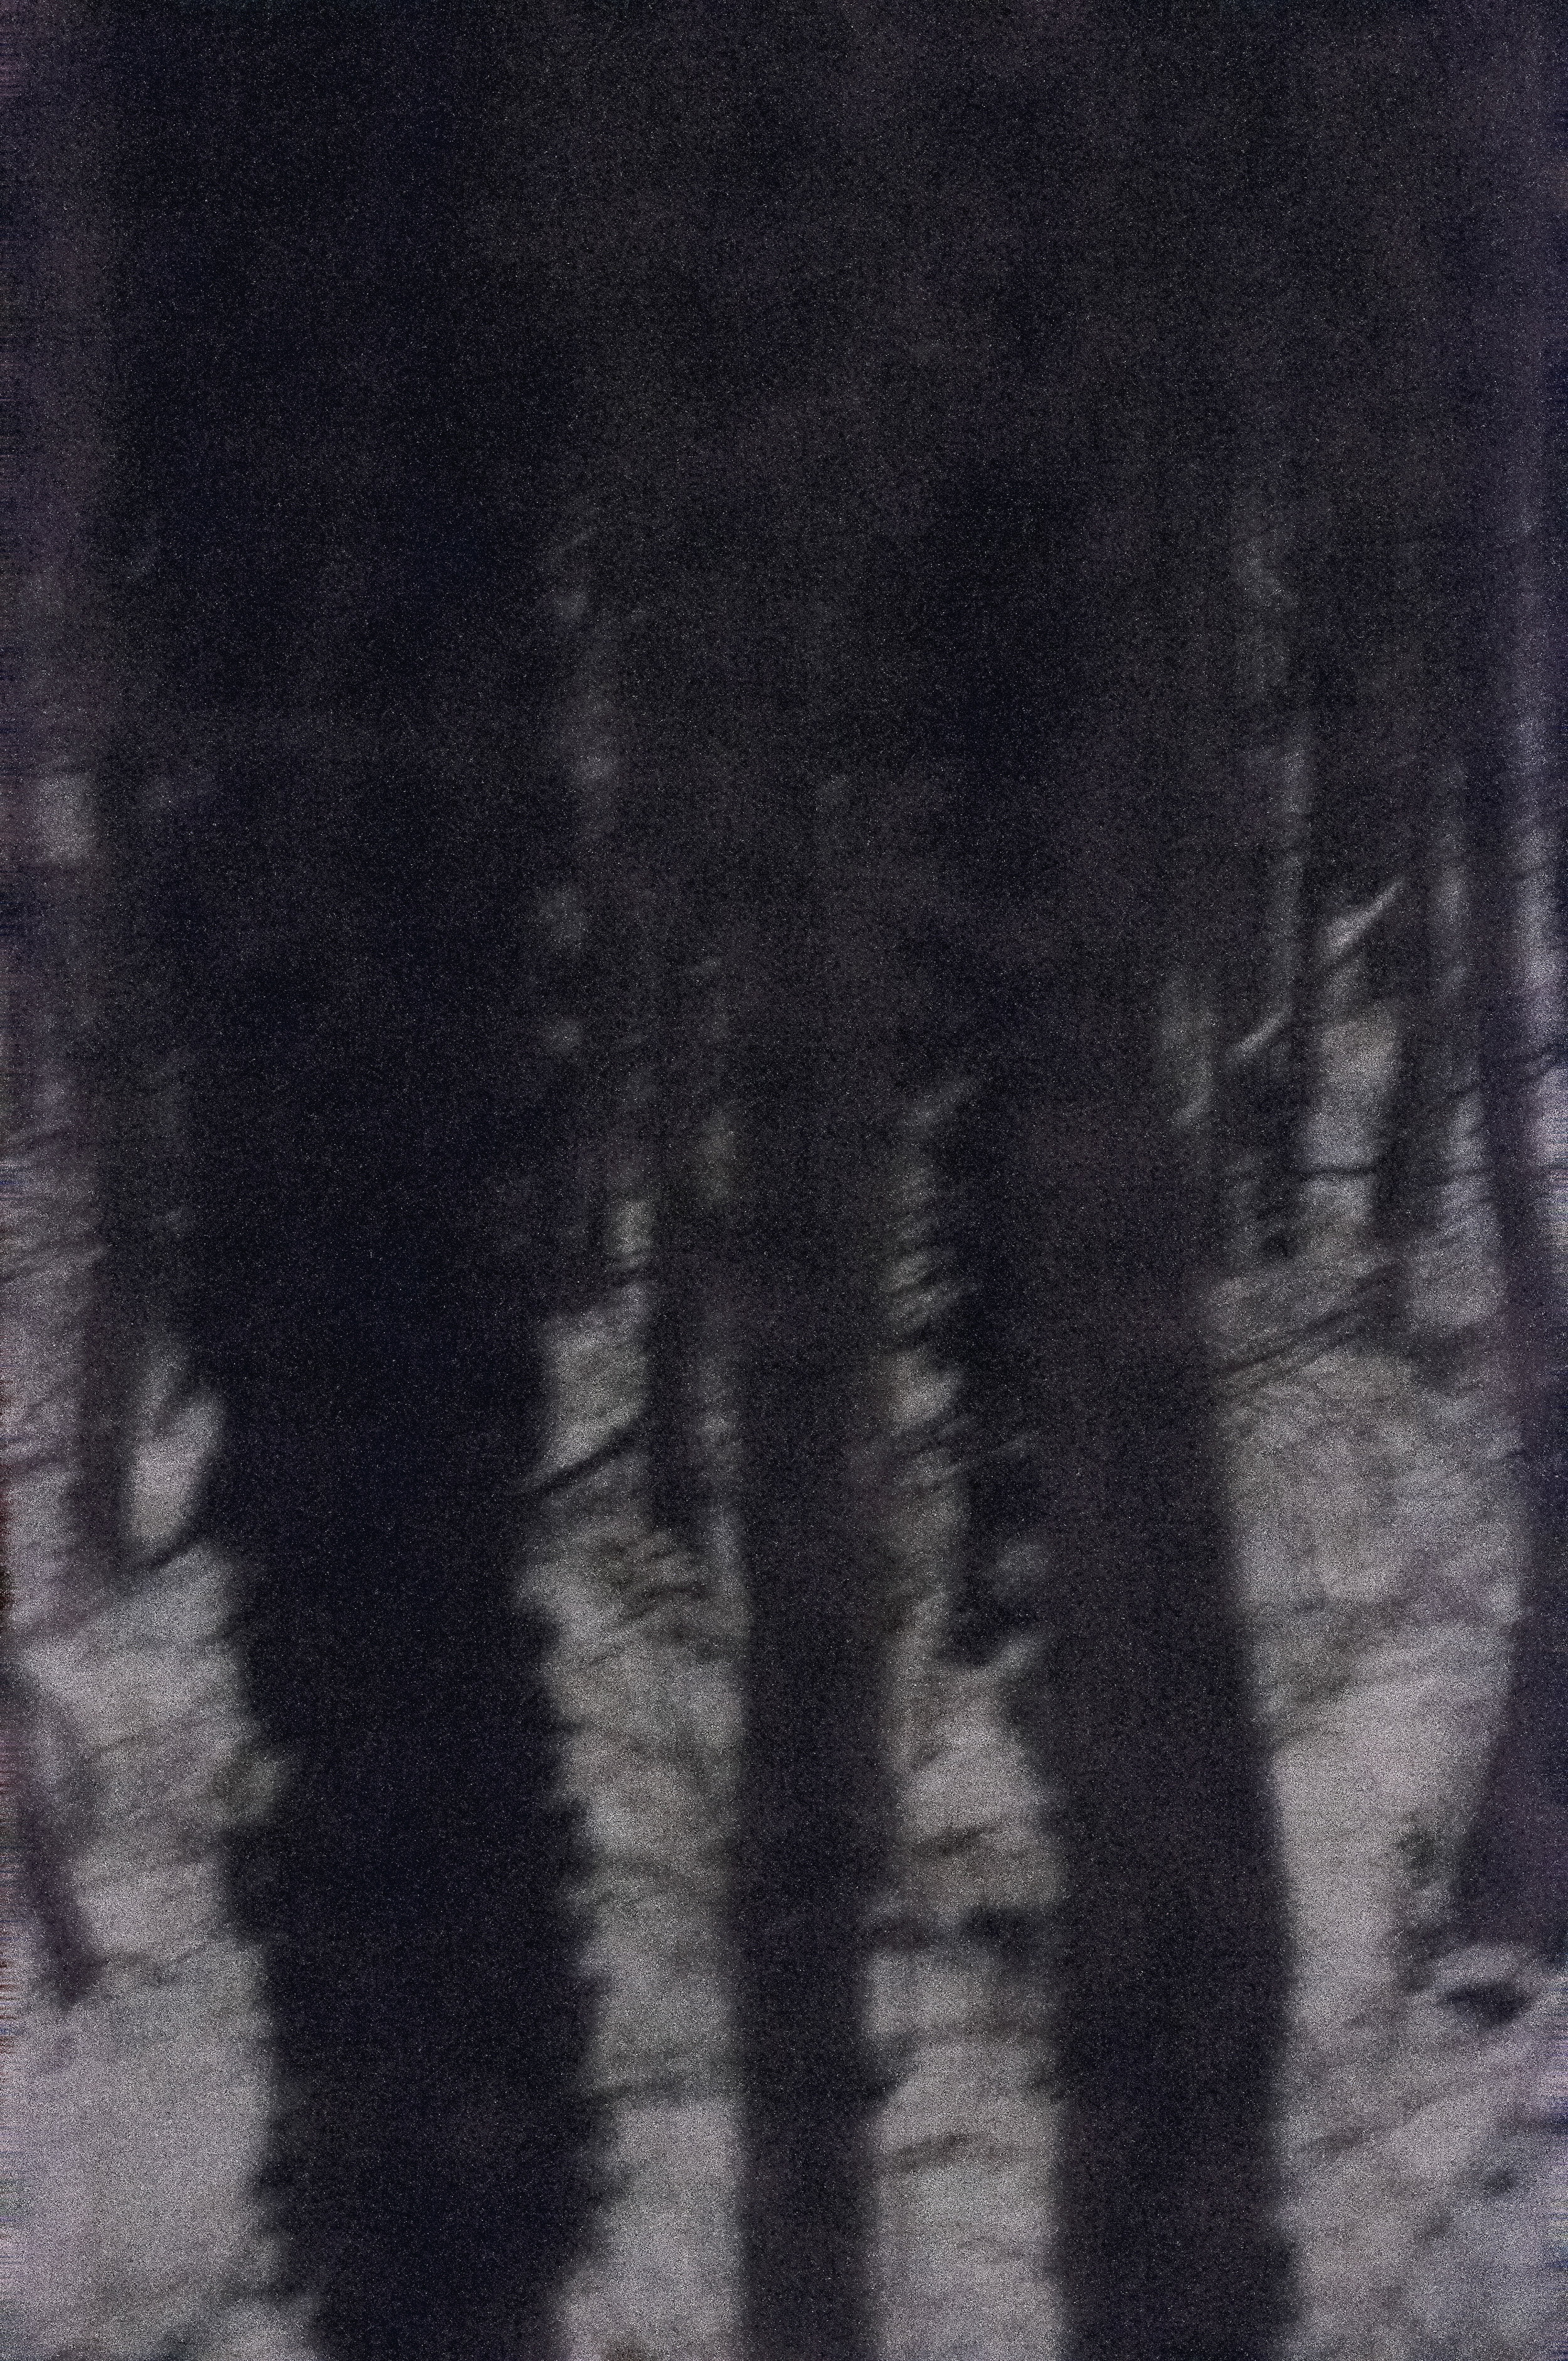 SNOW022018 (70) (1).jpg